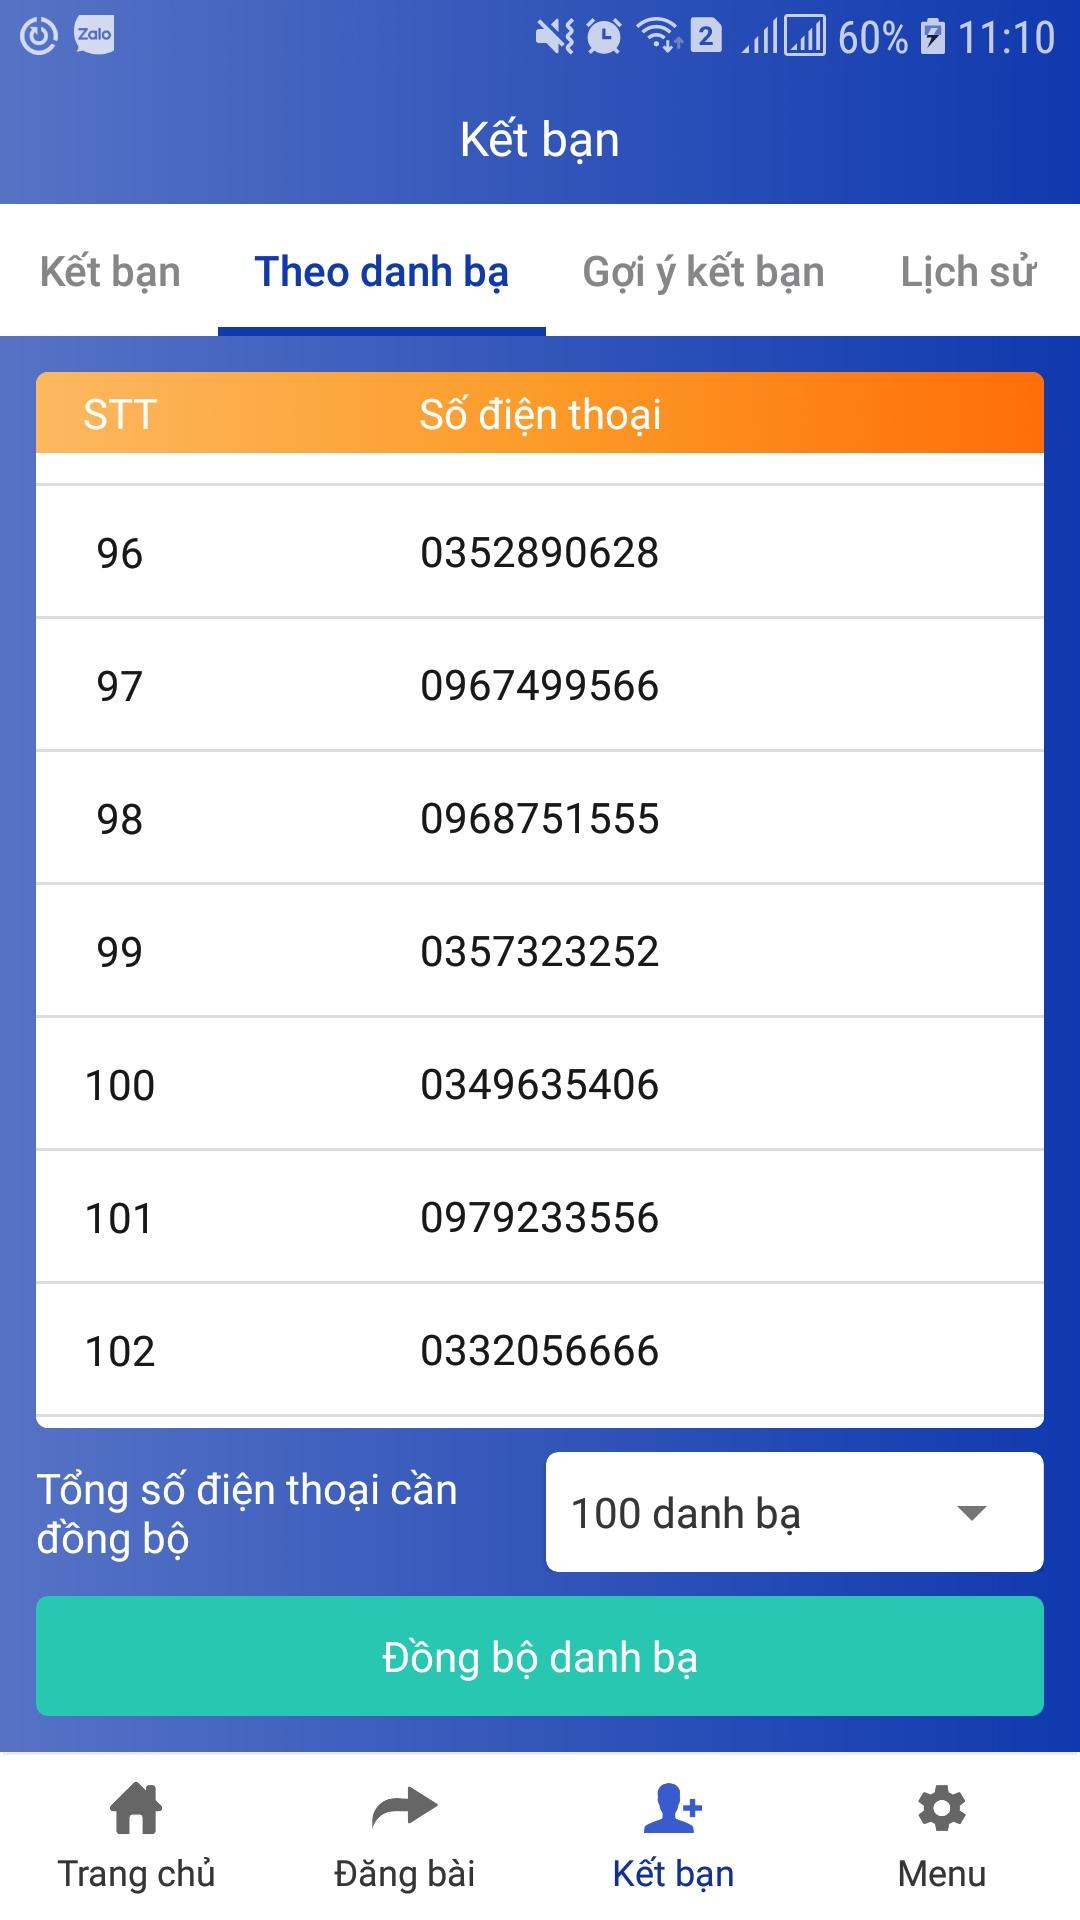 30a243f868769228cb67 Hướng dẫn sao chép danh bạ với phần mềm đồng bộ số điện thoại Ninja Zalo V2